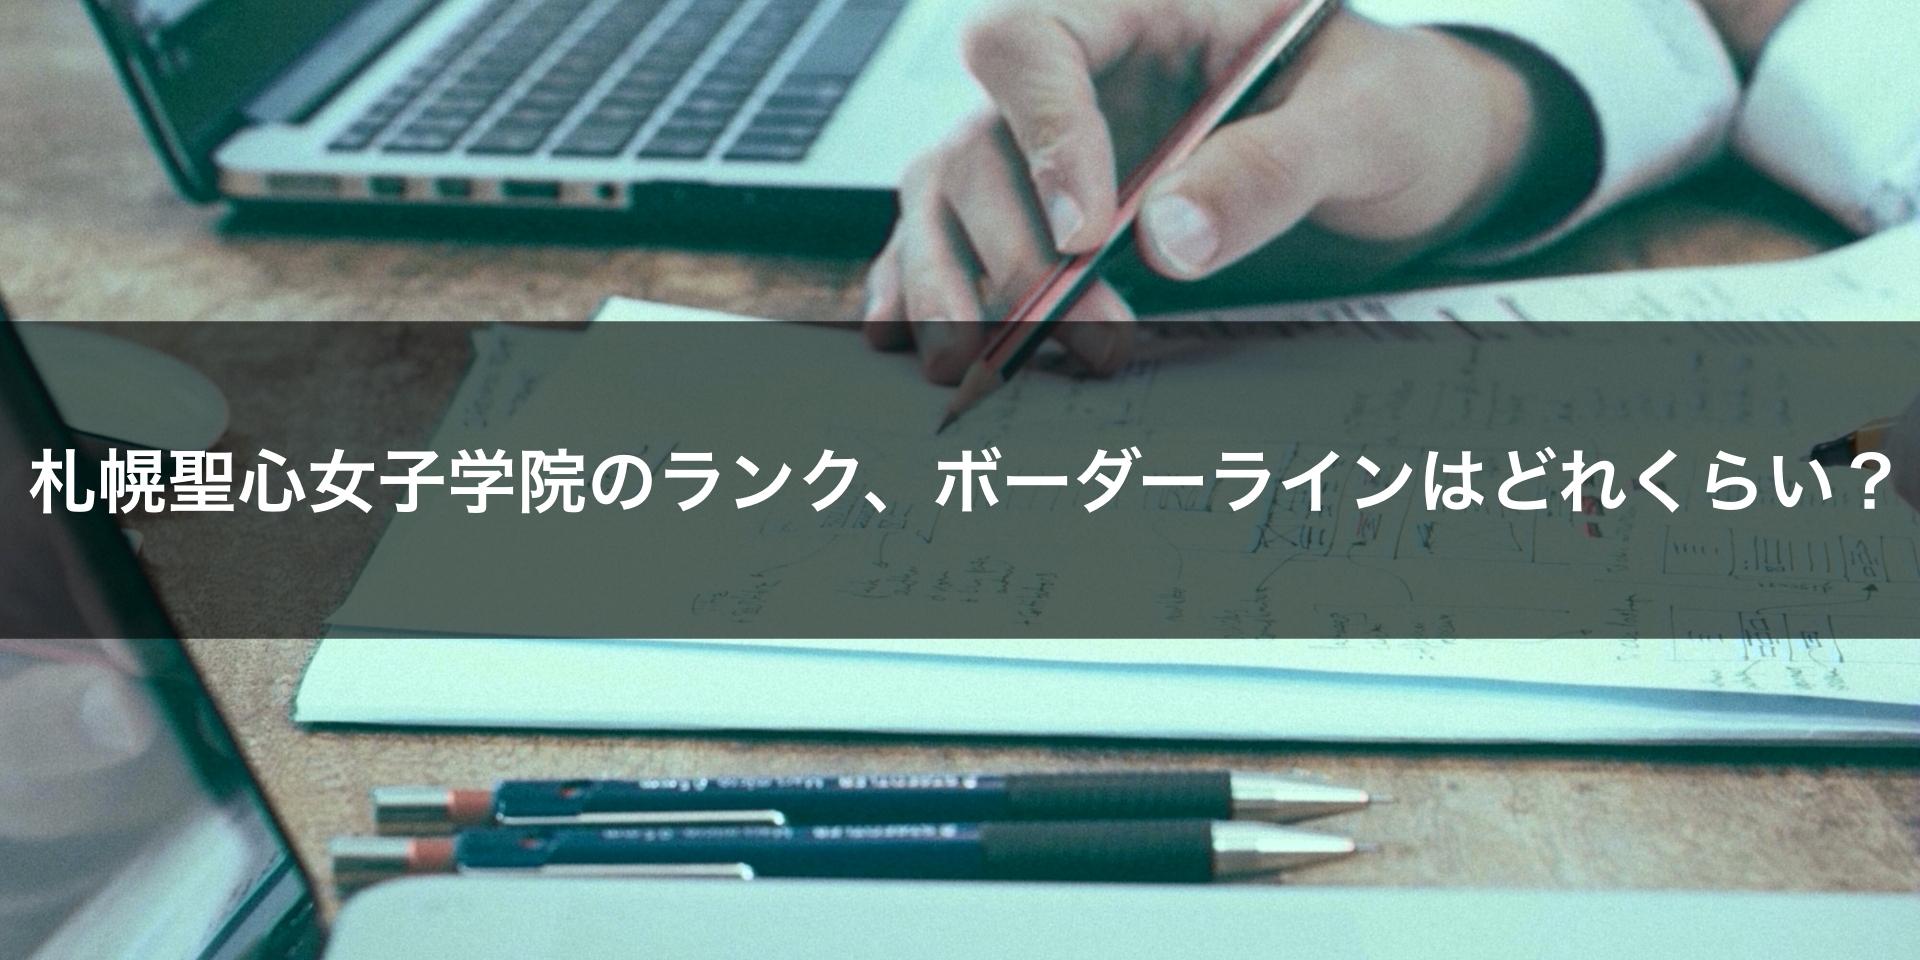 札幌聖心女子学院のランク、ボーダーラインはどれくらい?